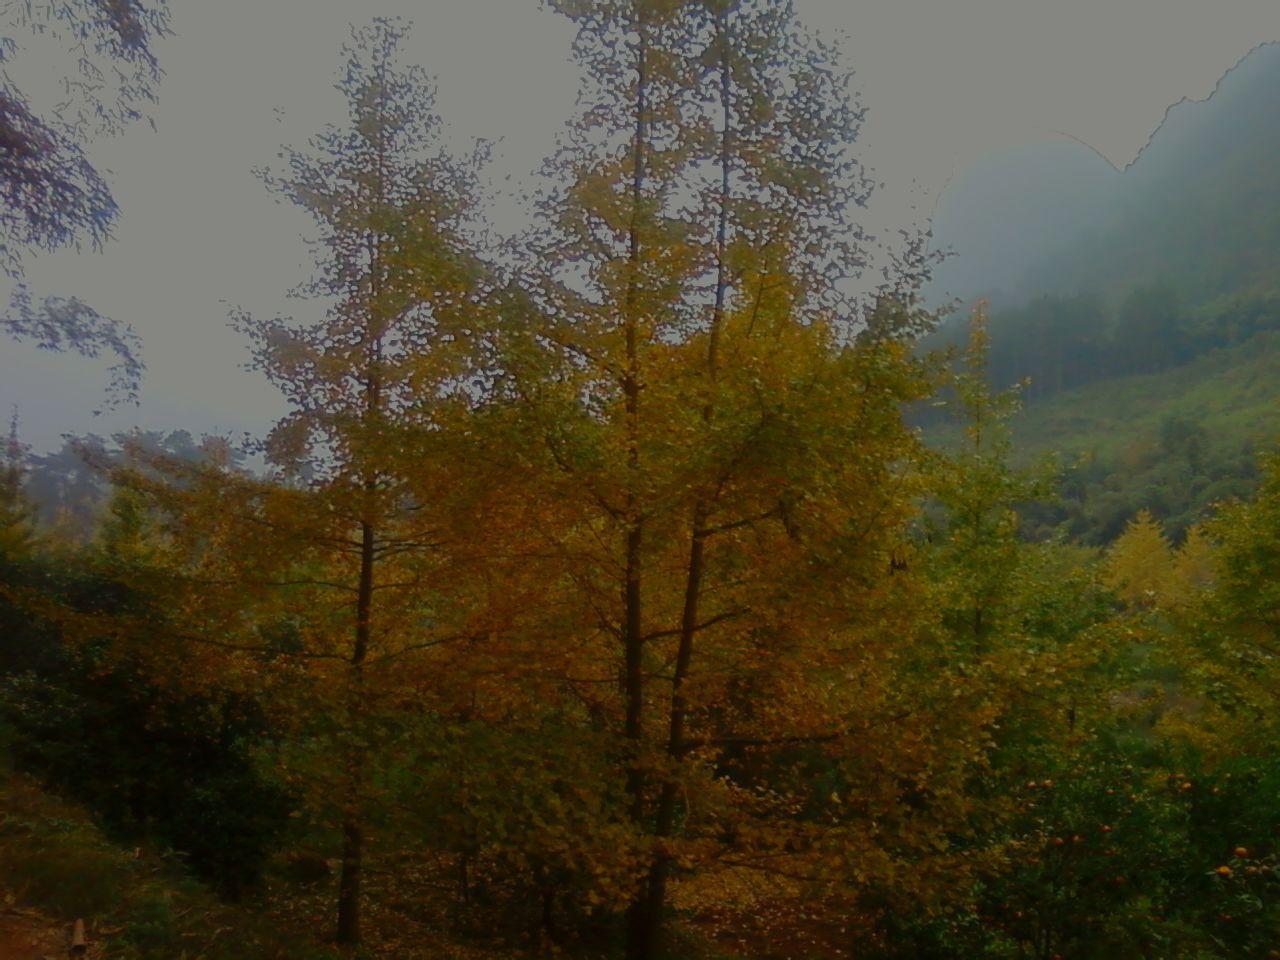 银杏 树叶 绿色 绿叶 摄影 72dpi   银杏树叶 银杏树 树